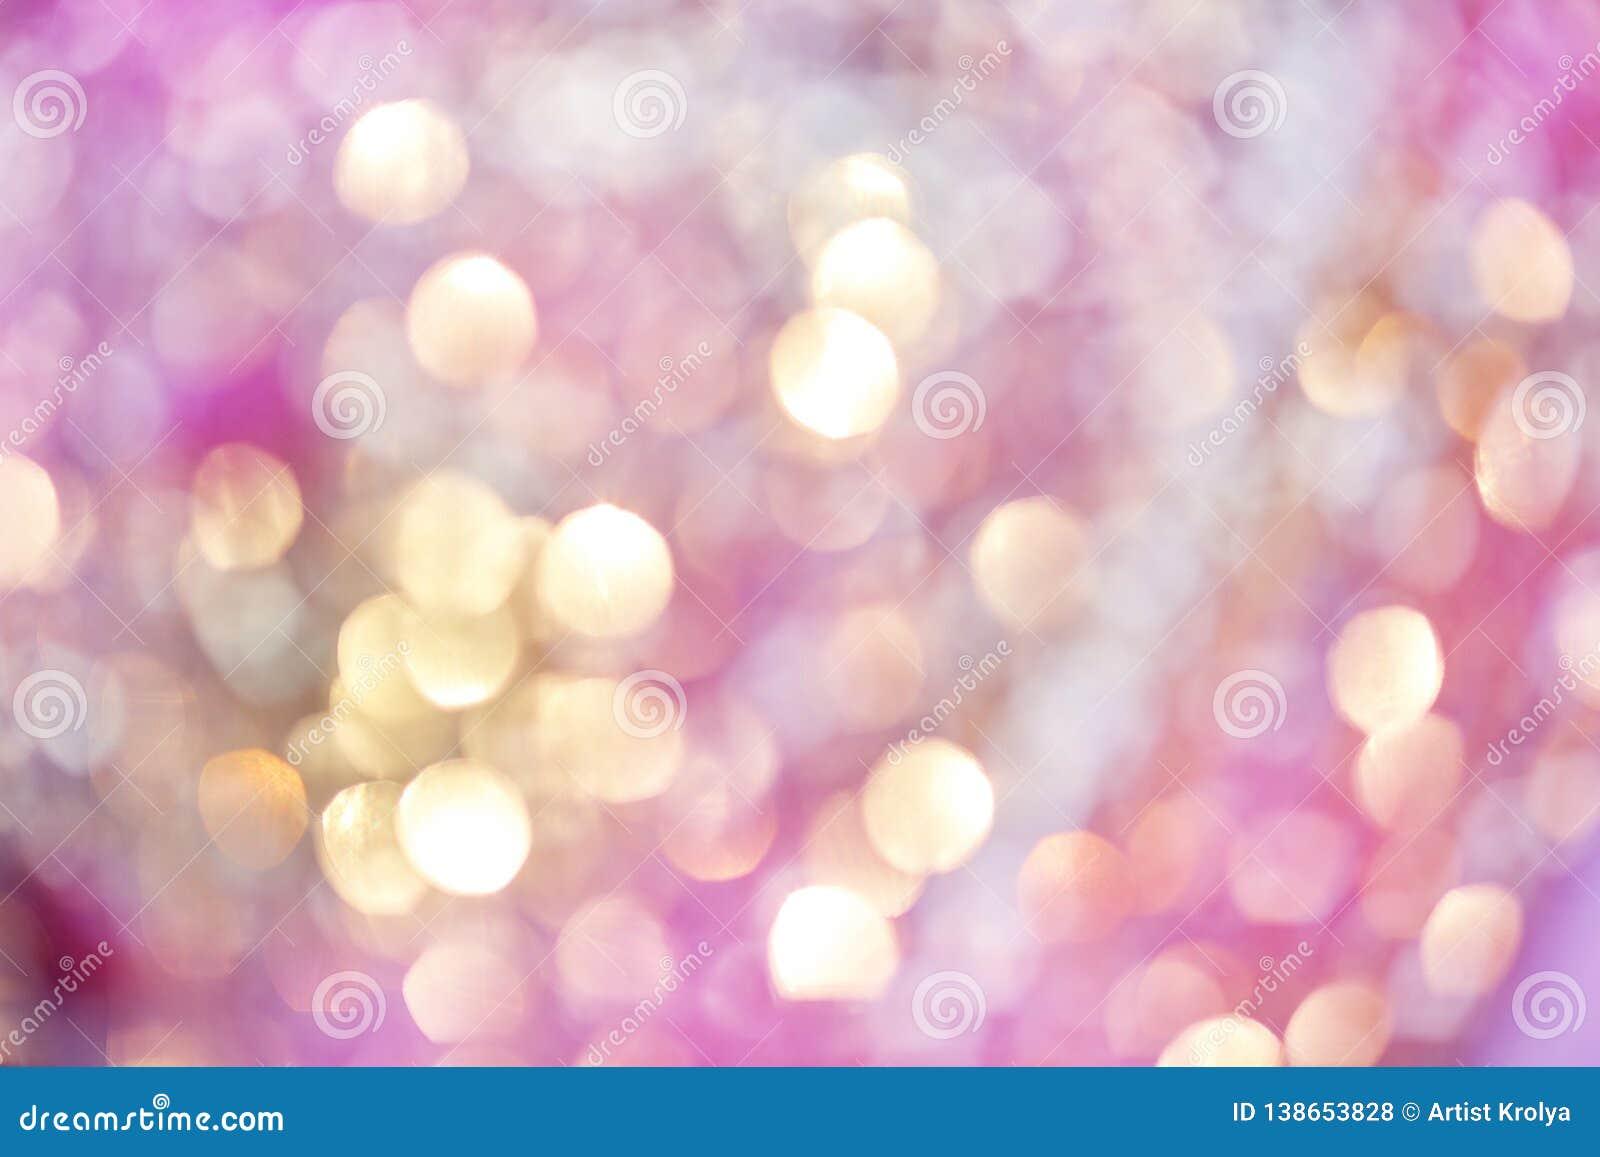 Les lumières molles soustraient le fond - couleurs douces